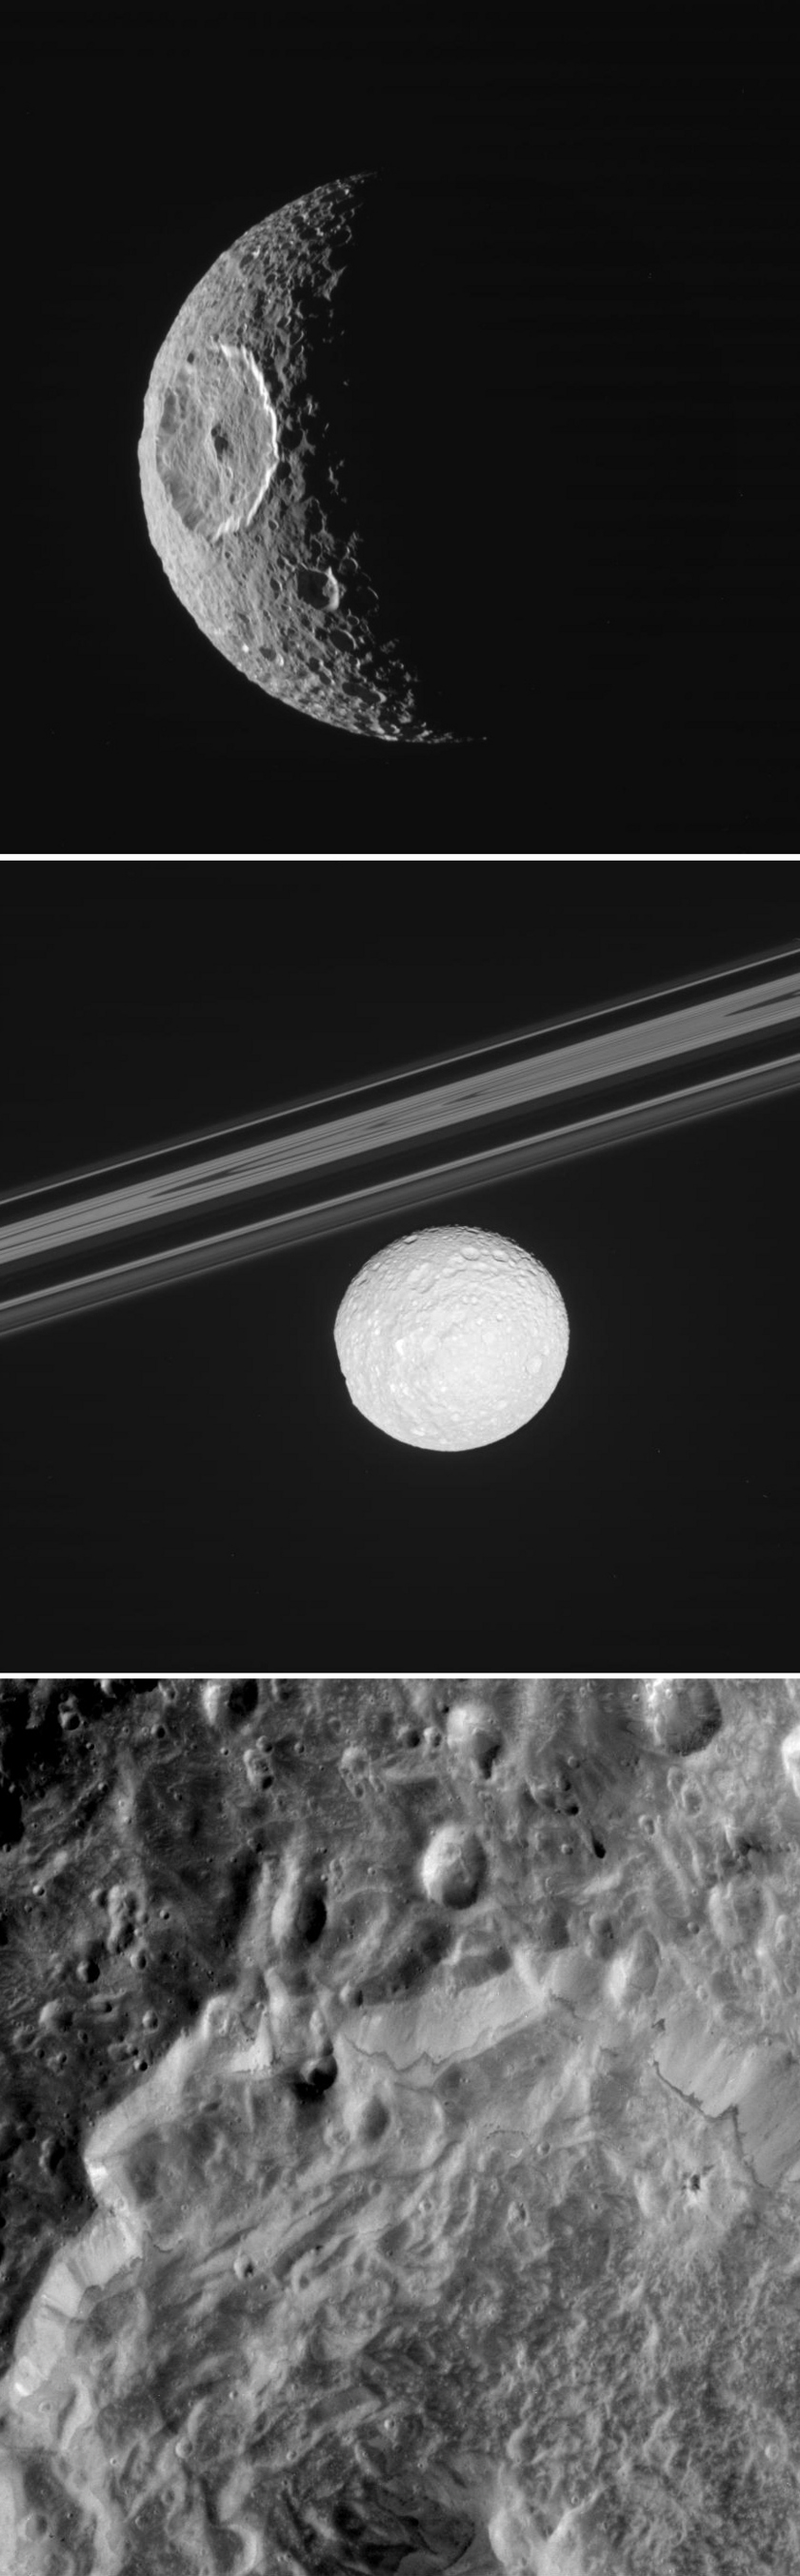 Cassini views of Mimas